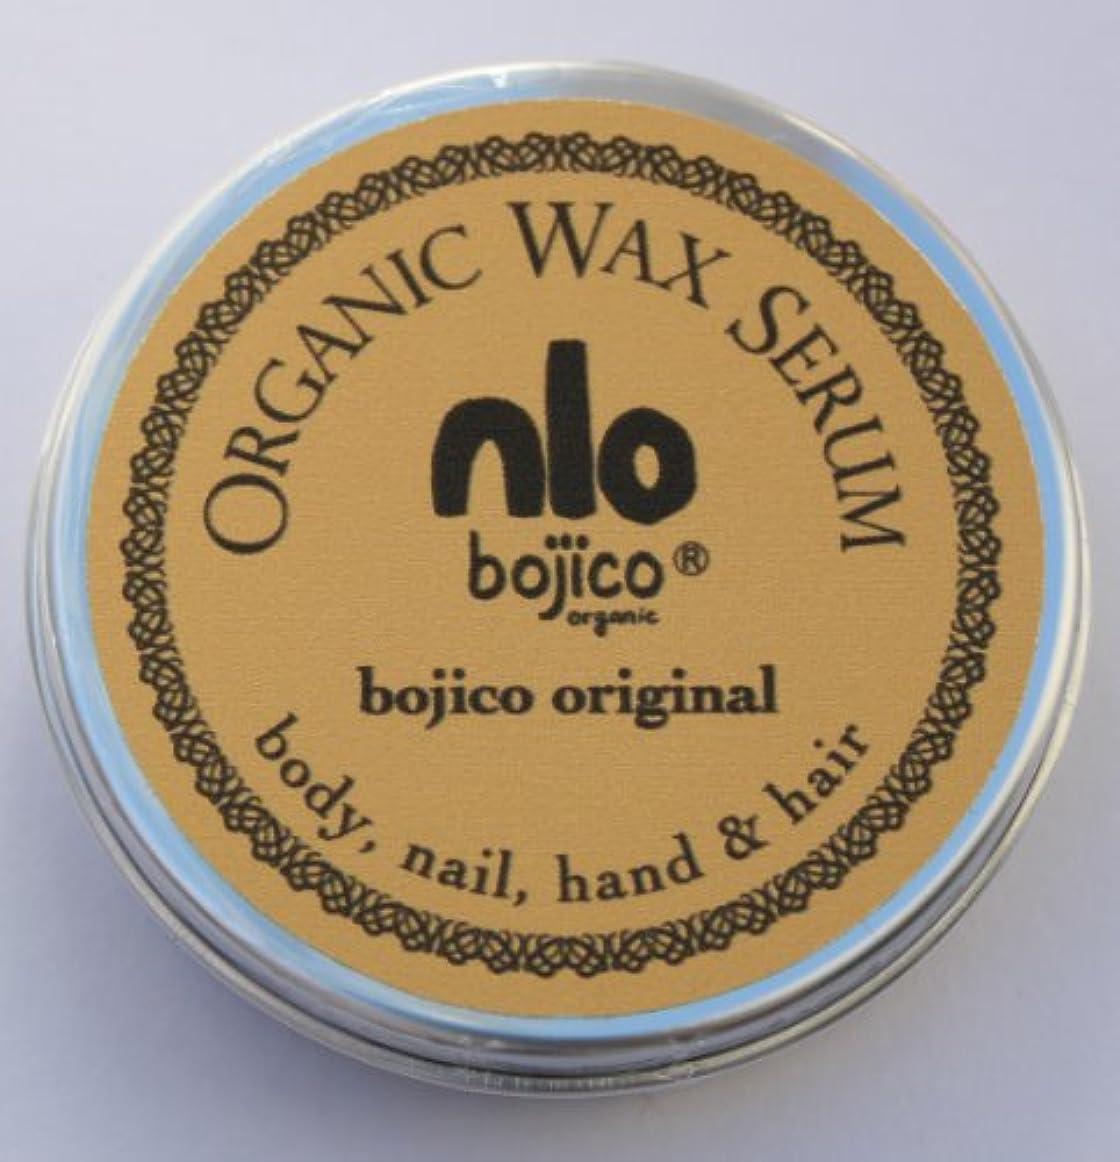 グリップ超越する病気だと思うbojico オーガニック ワックス セラム<オリジナル> Organic Wax Serum 18g